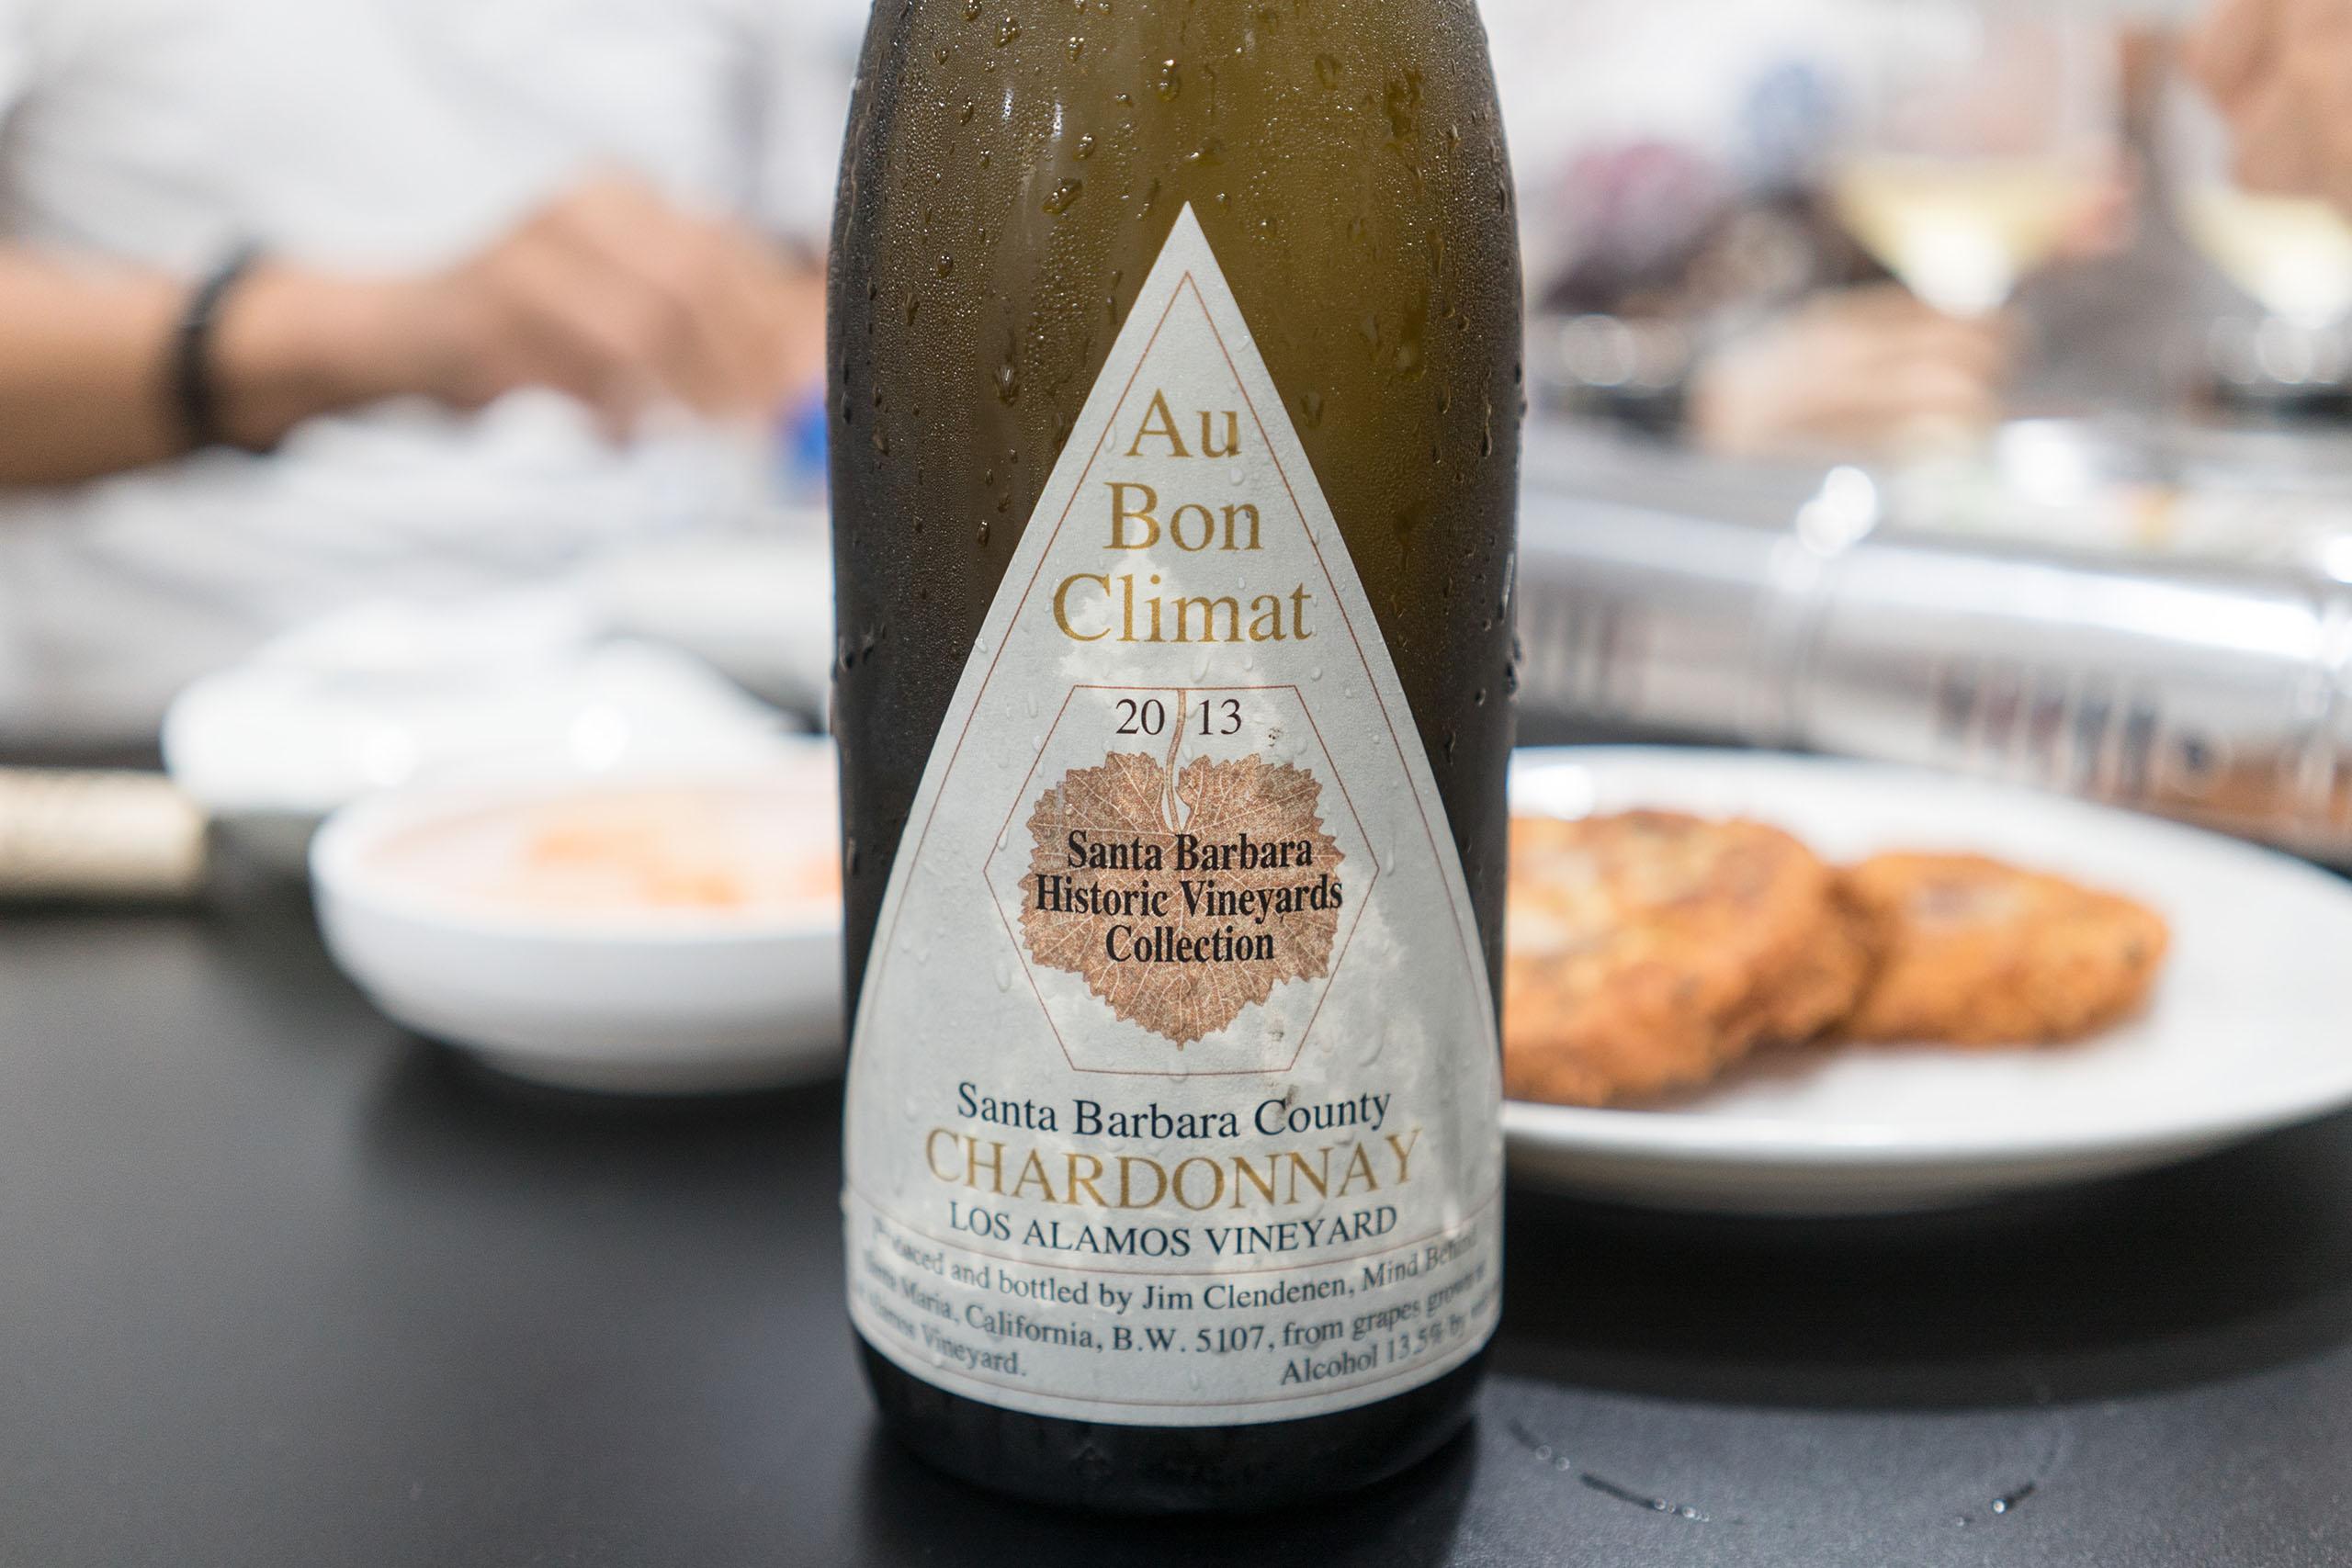 Au Bon Climat, Chardonnay Los Alamos 2013